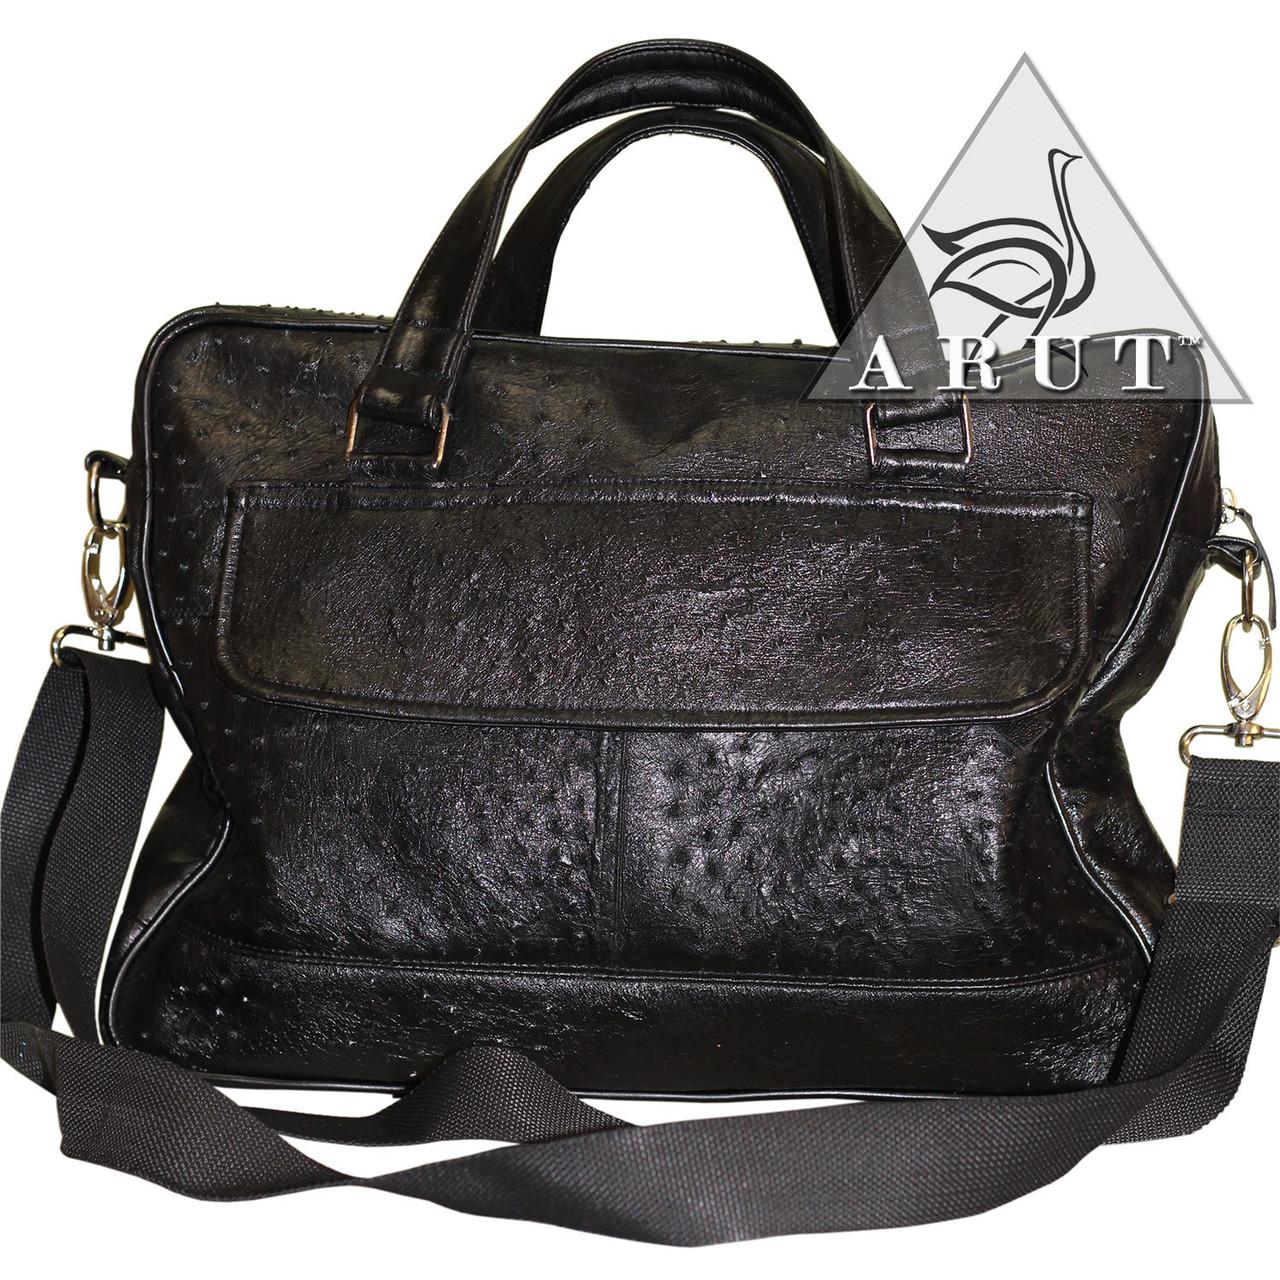 ba2c5dc26dad Купить Мужская сумка из натуральной кожи страуса в Николаеве от ...